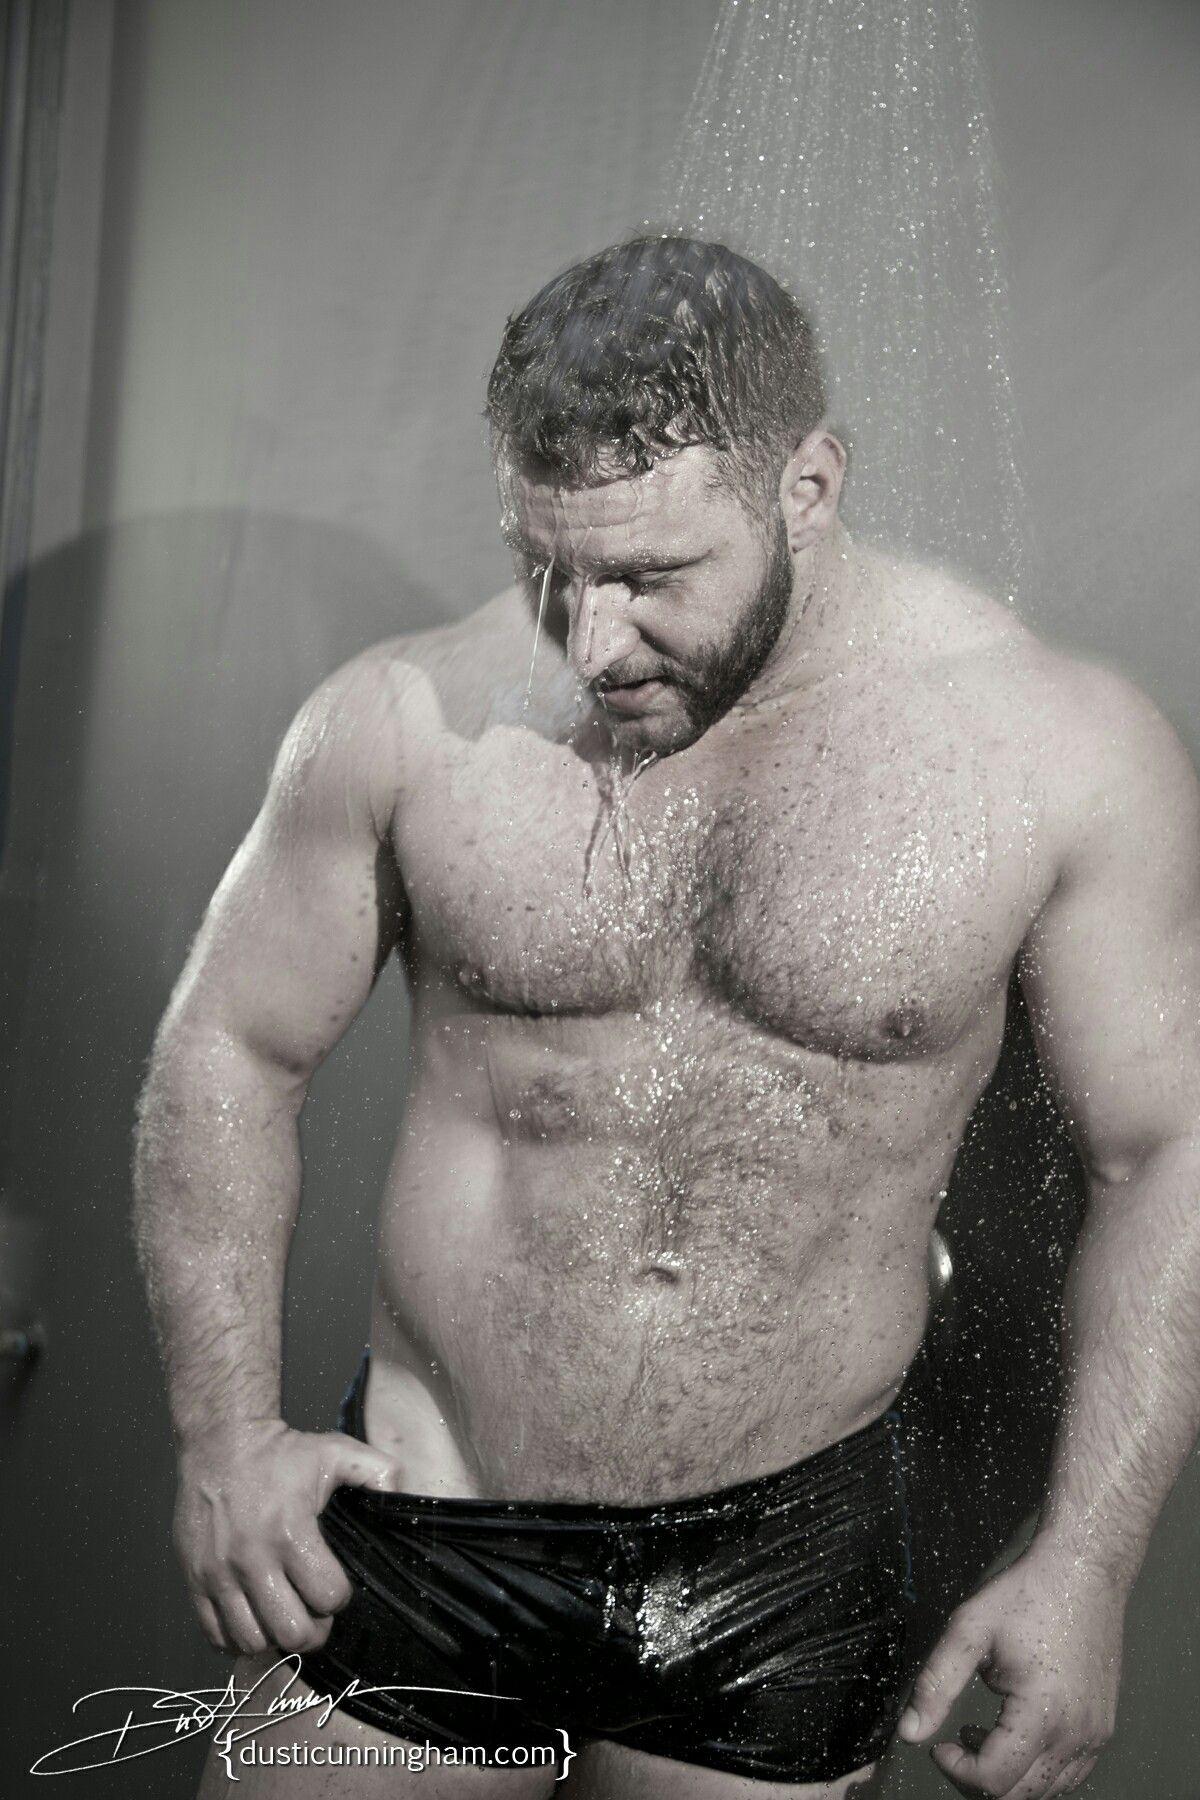 Antonio milam gay porn